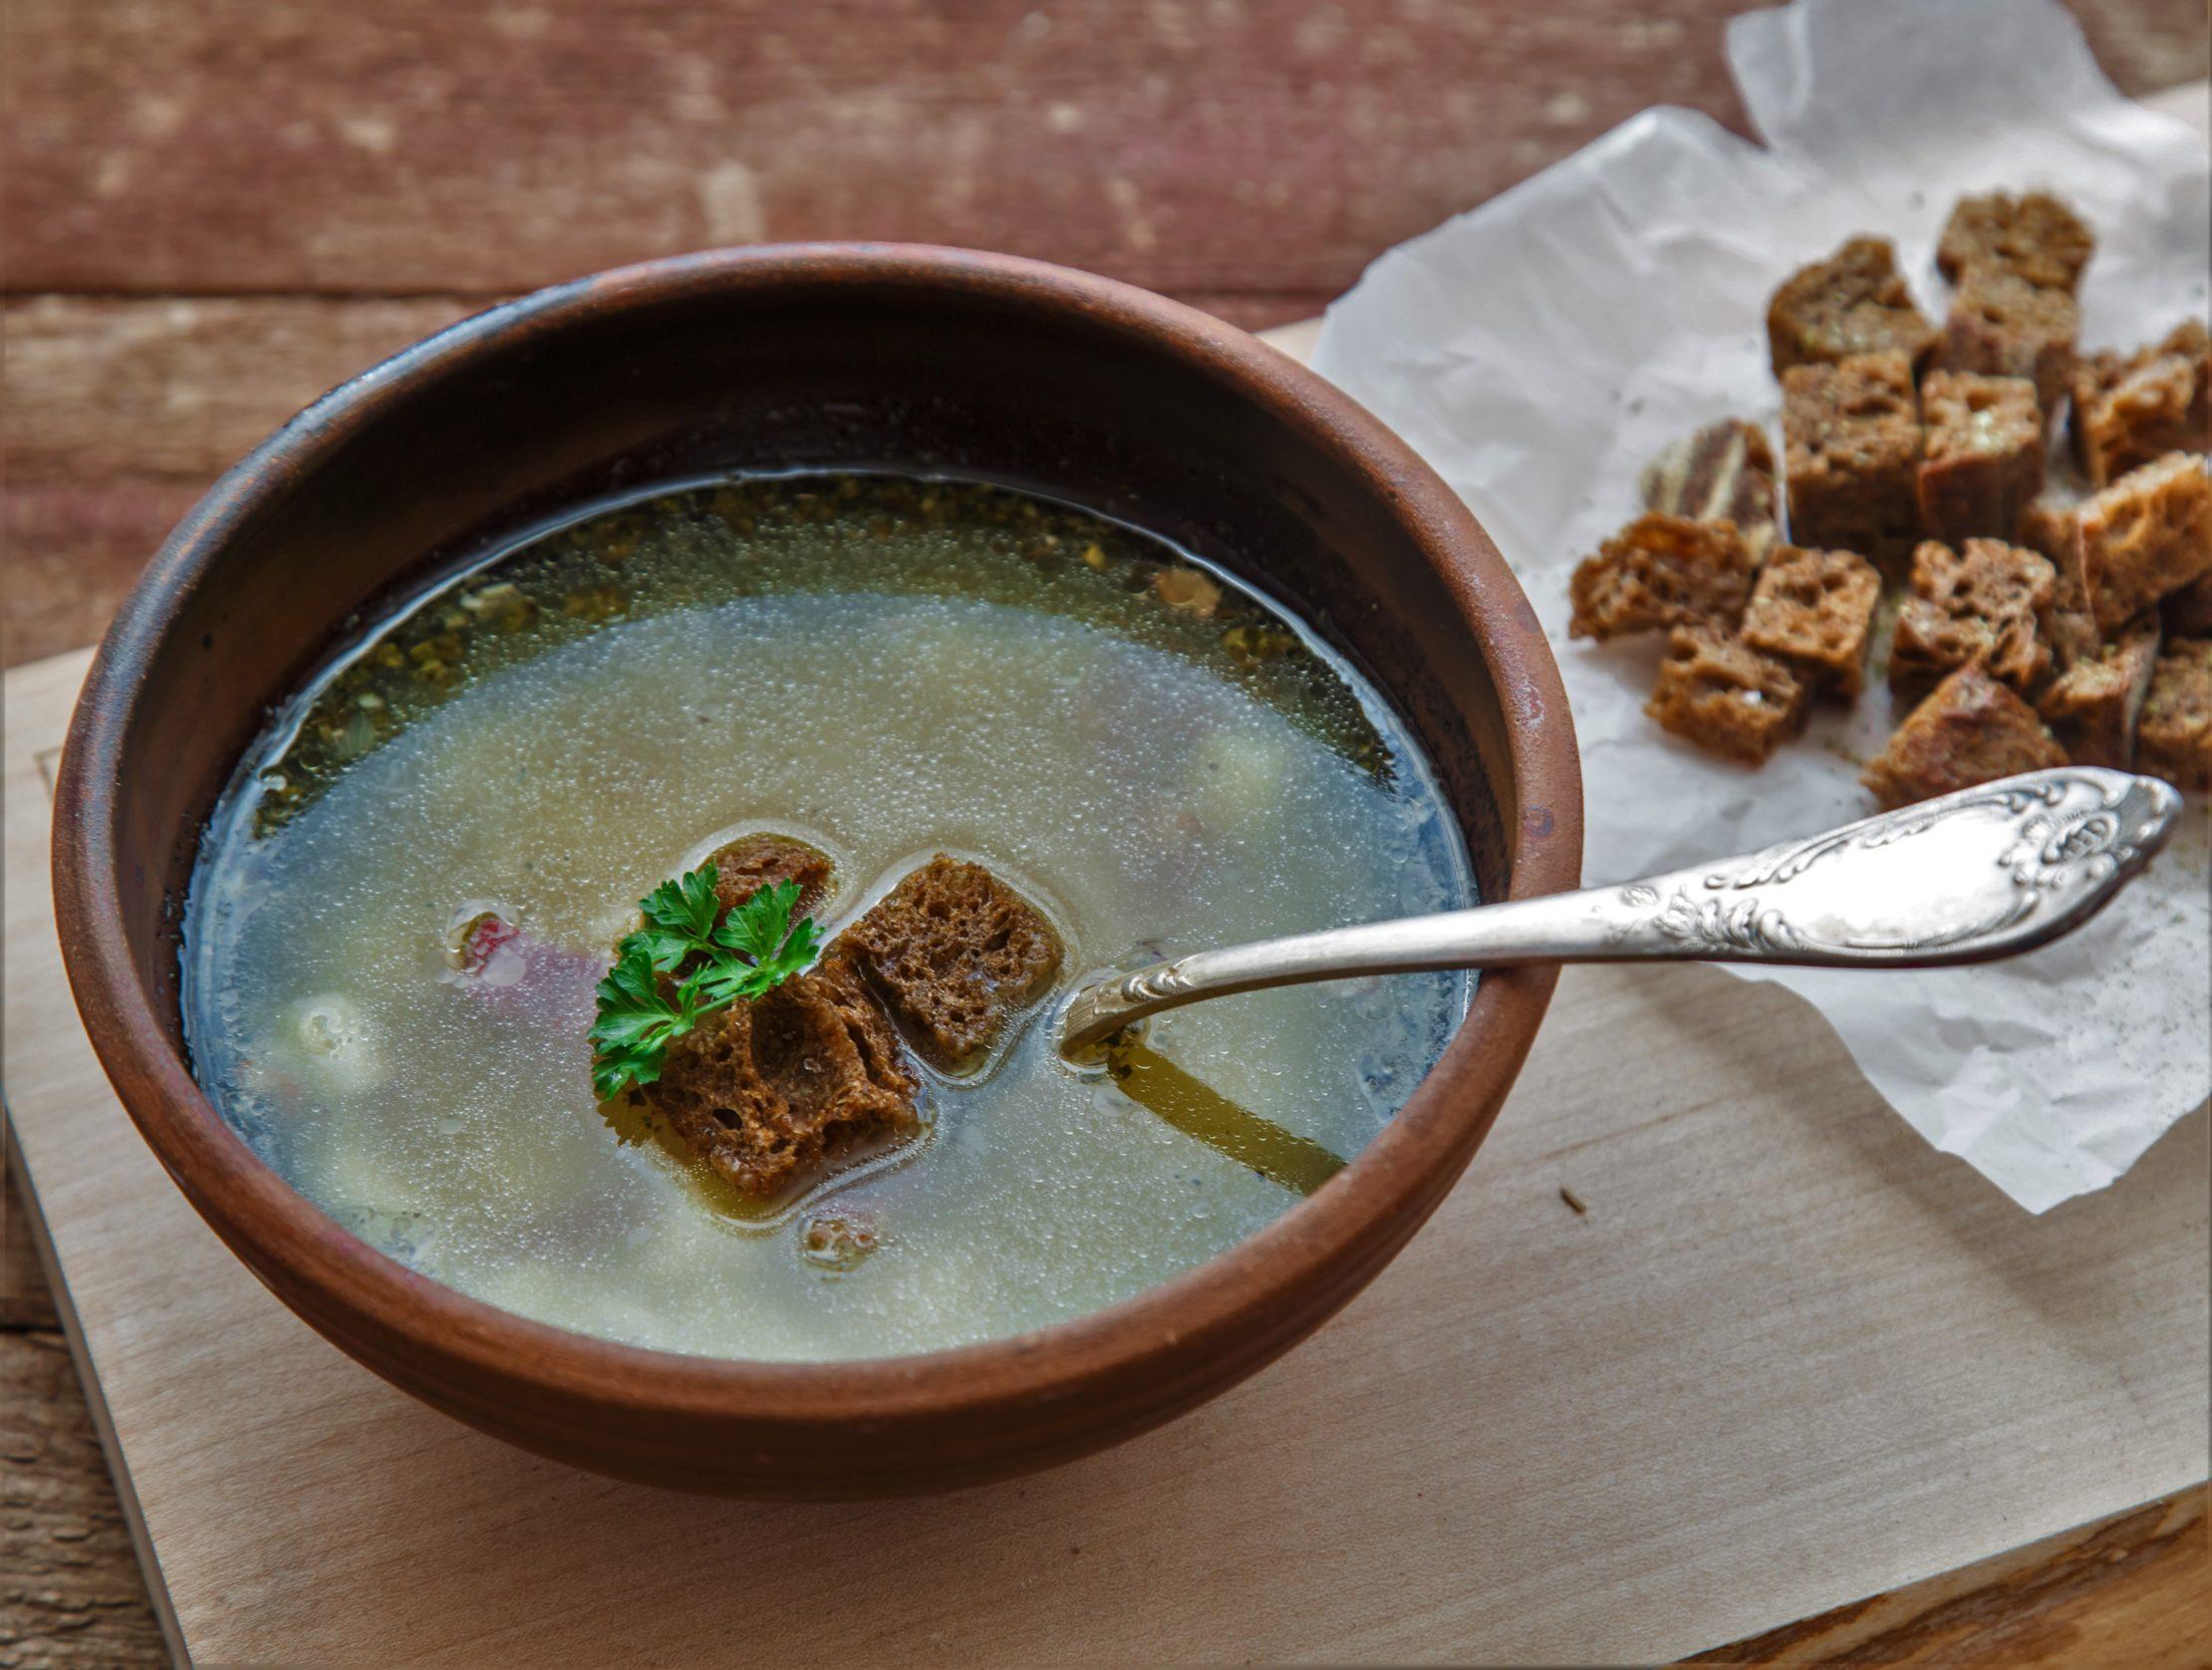 Česnečka - tradicional sopa de ajo